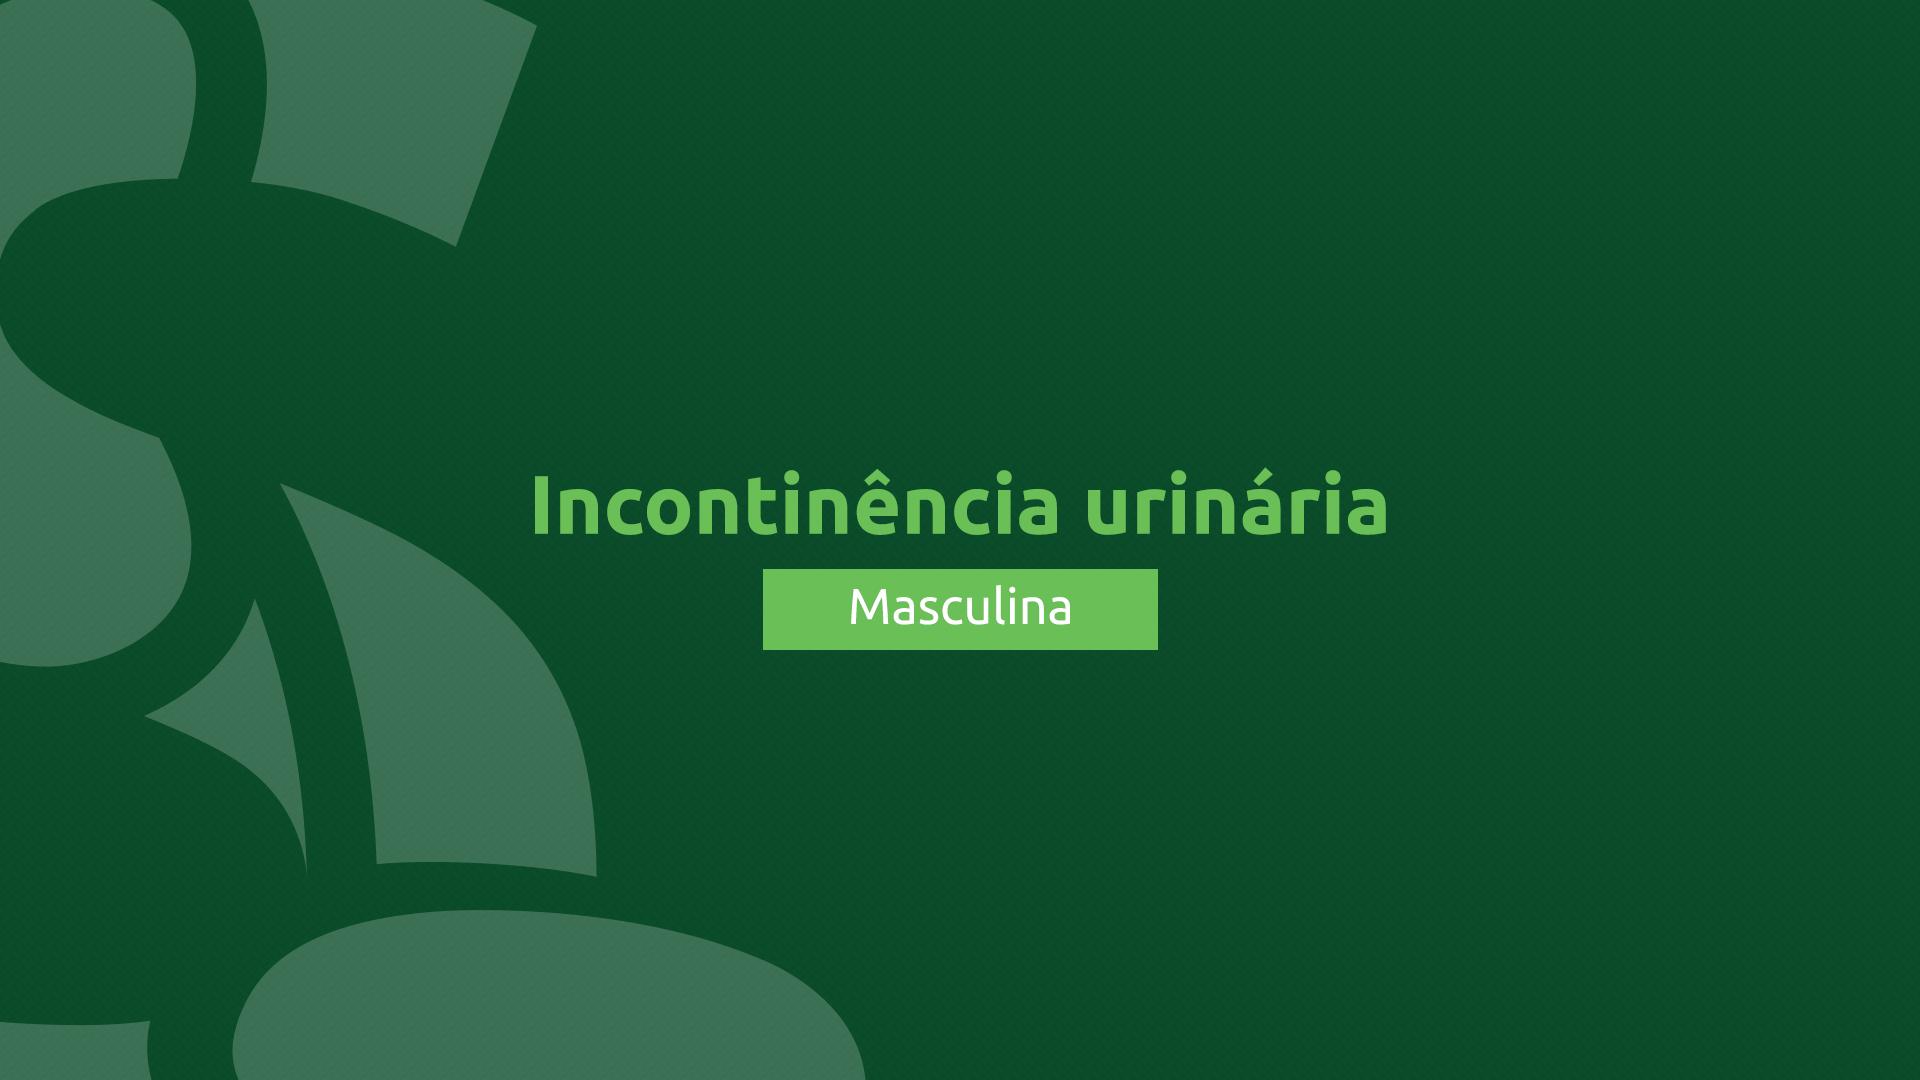 Incontinência urinária masculina